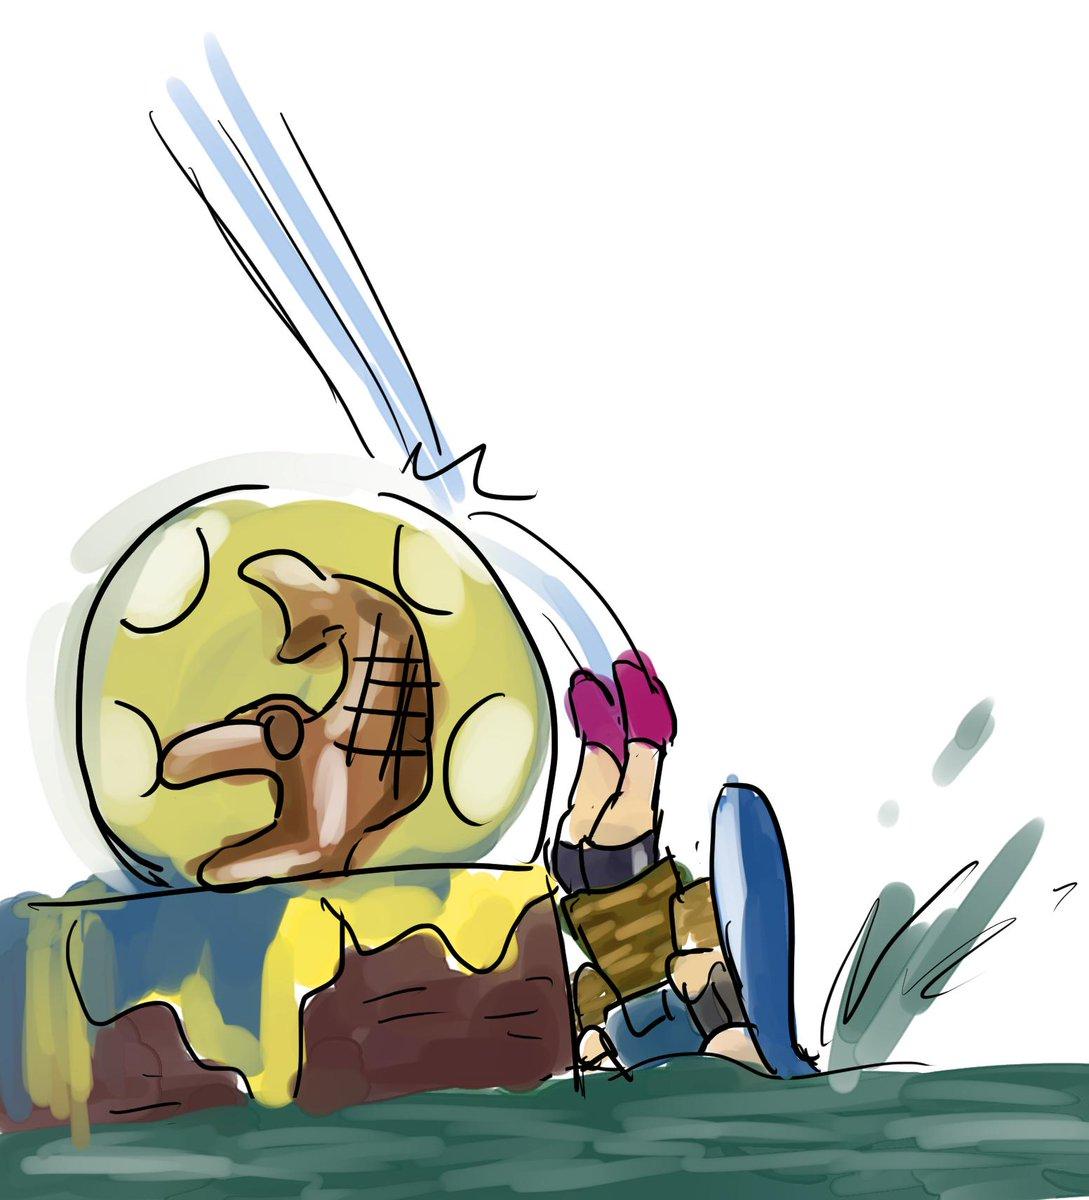 きょうのスーパージャンプ http://t.co/obrvoht72C